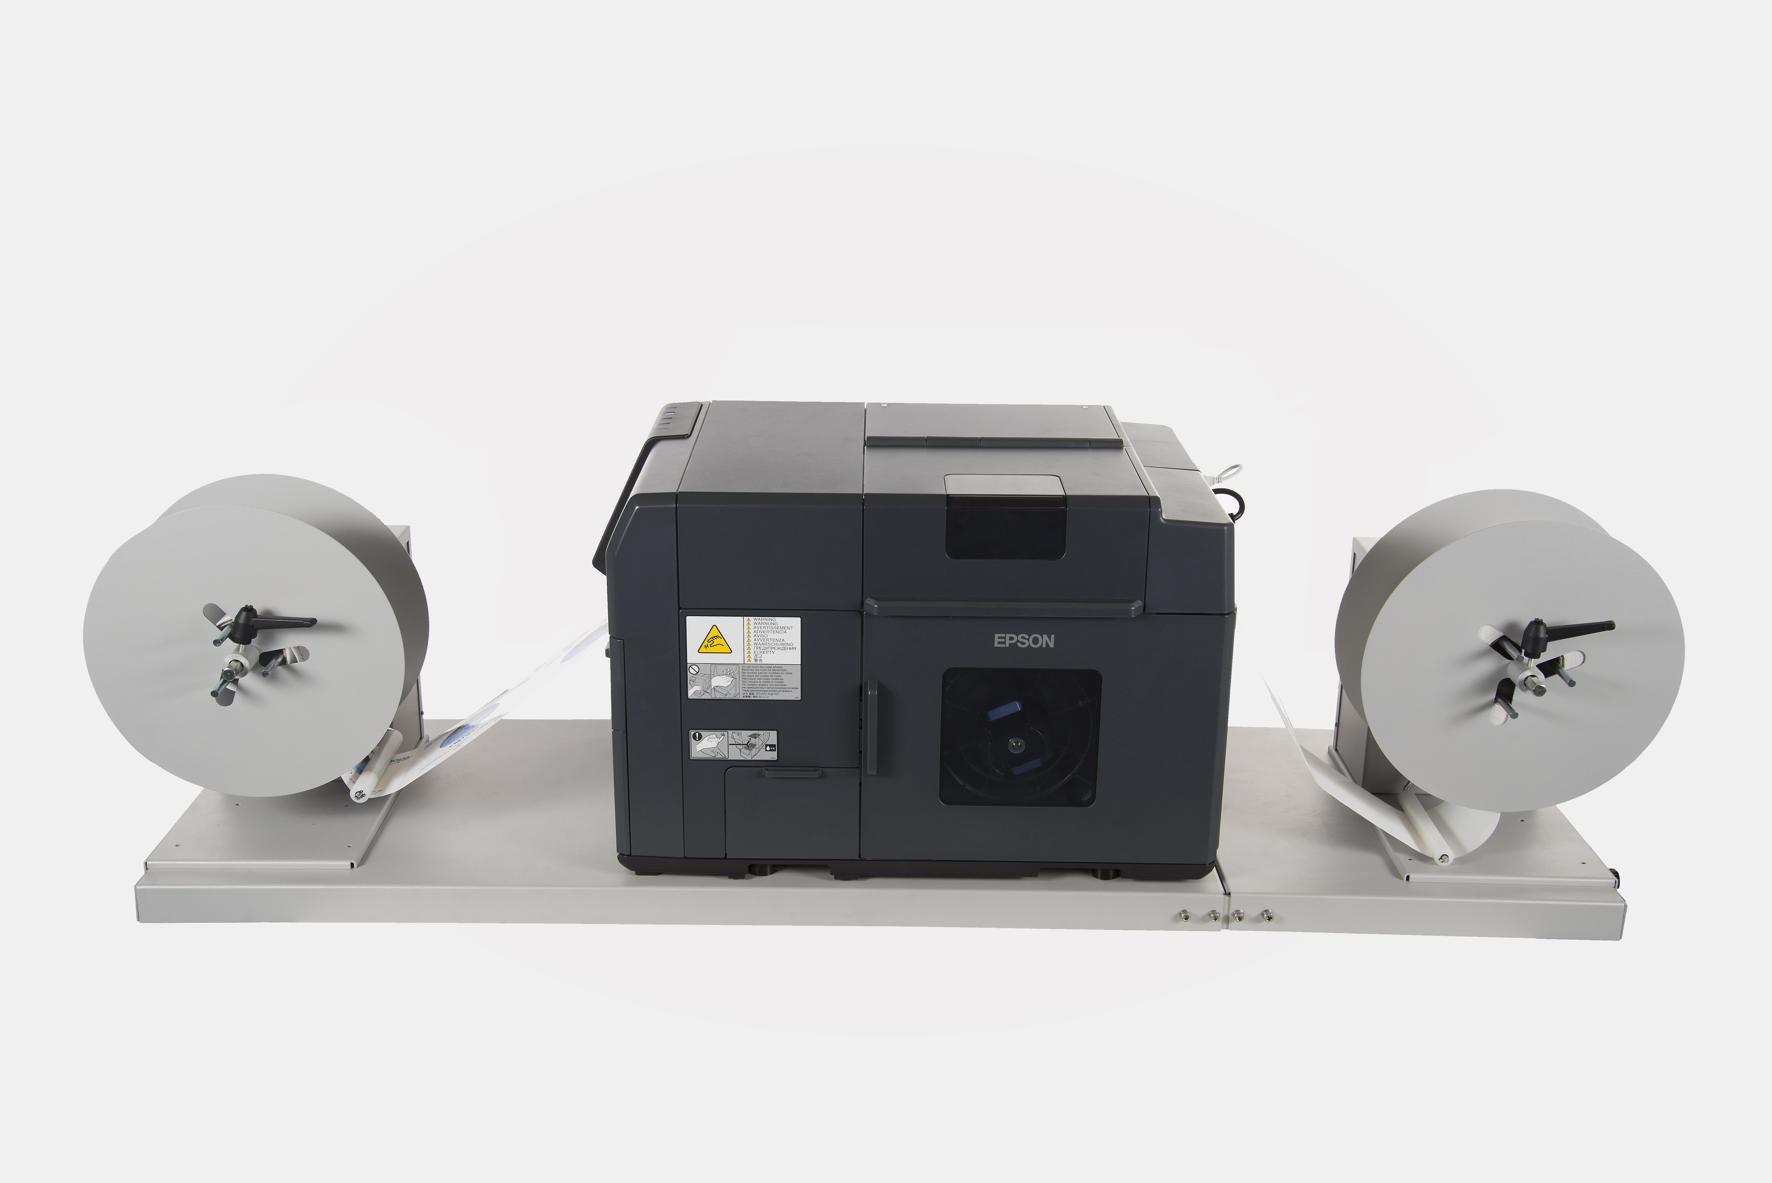 rebobinador para epson tmc-7500